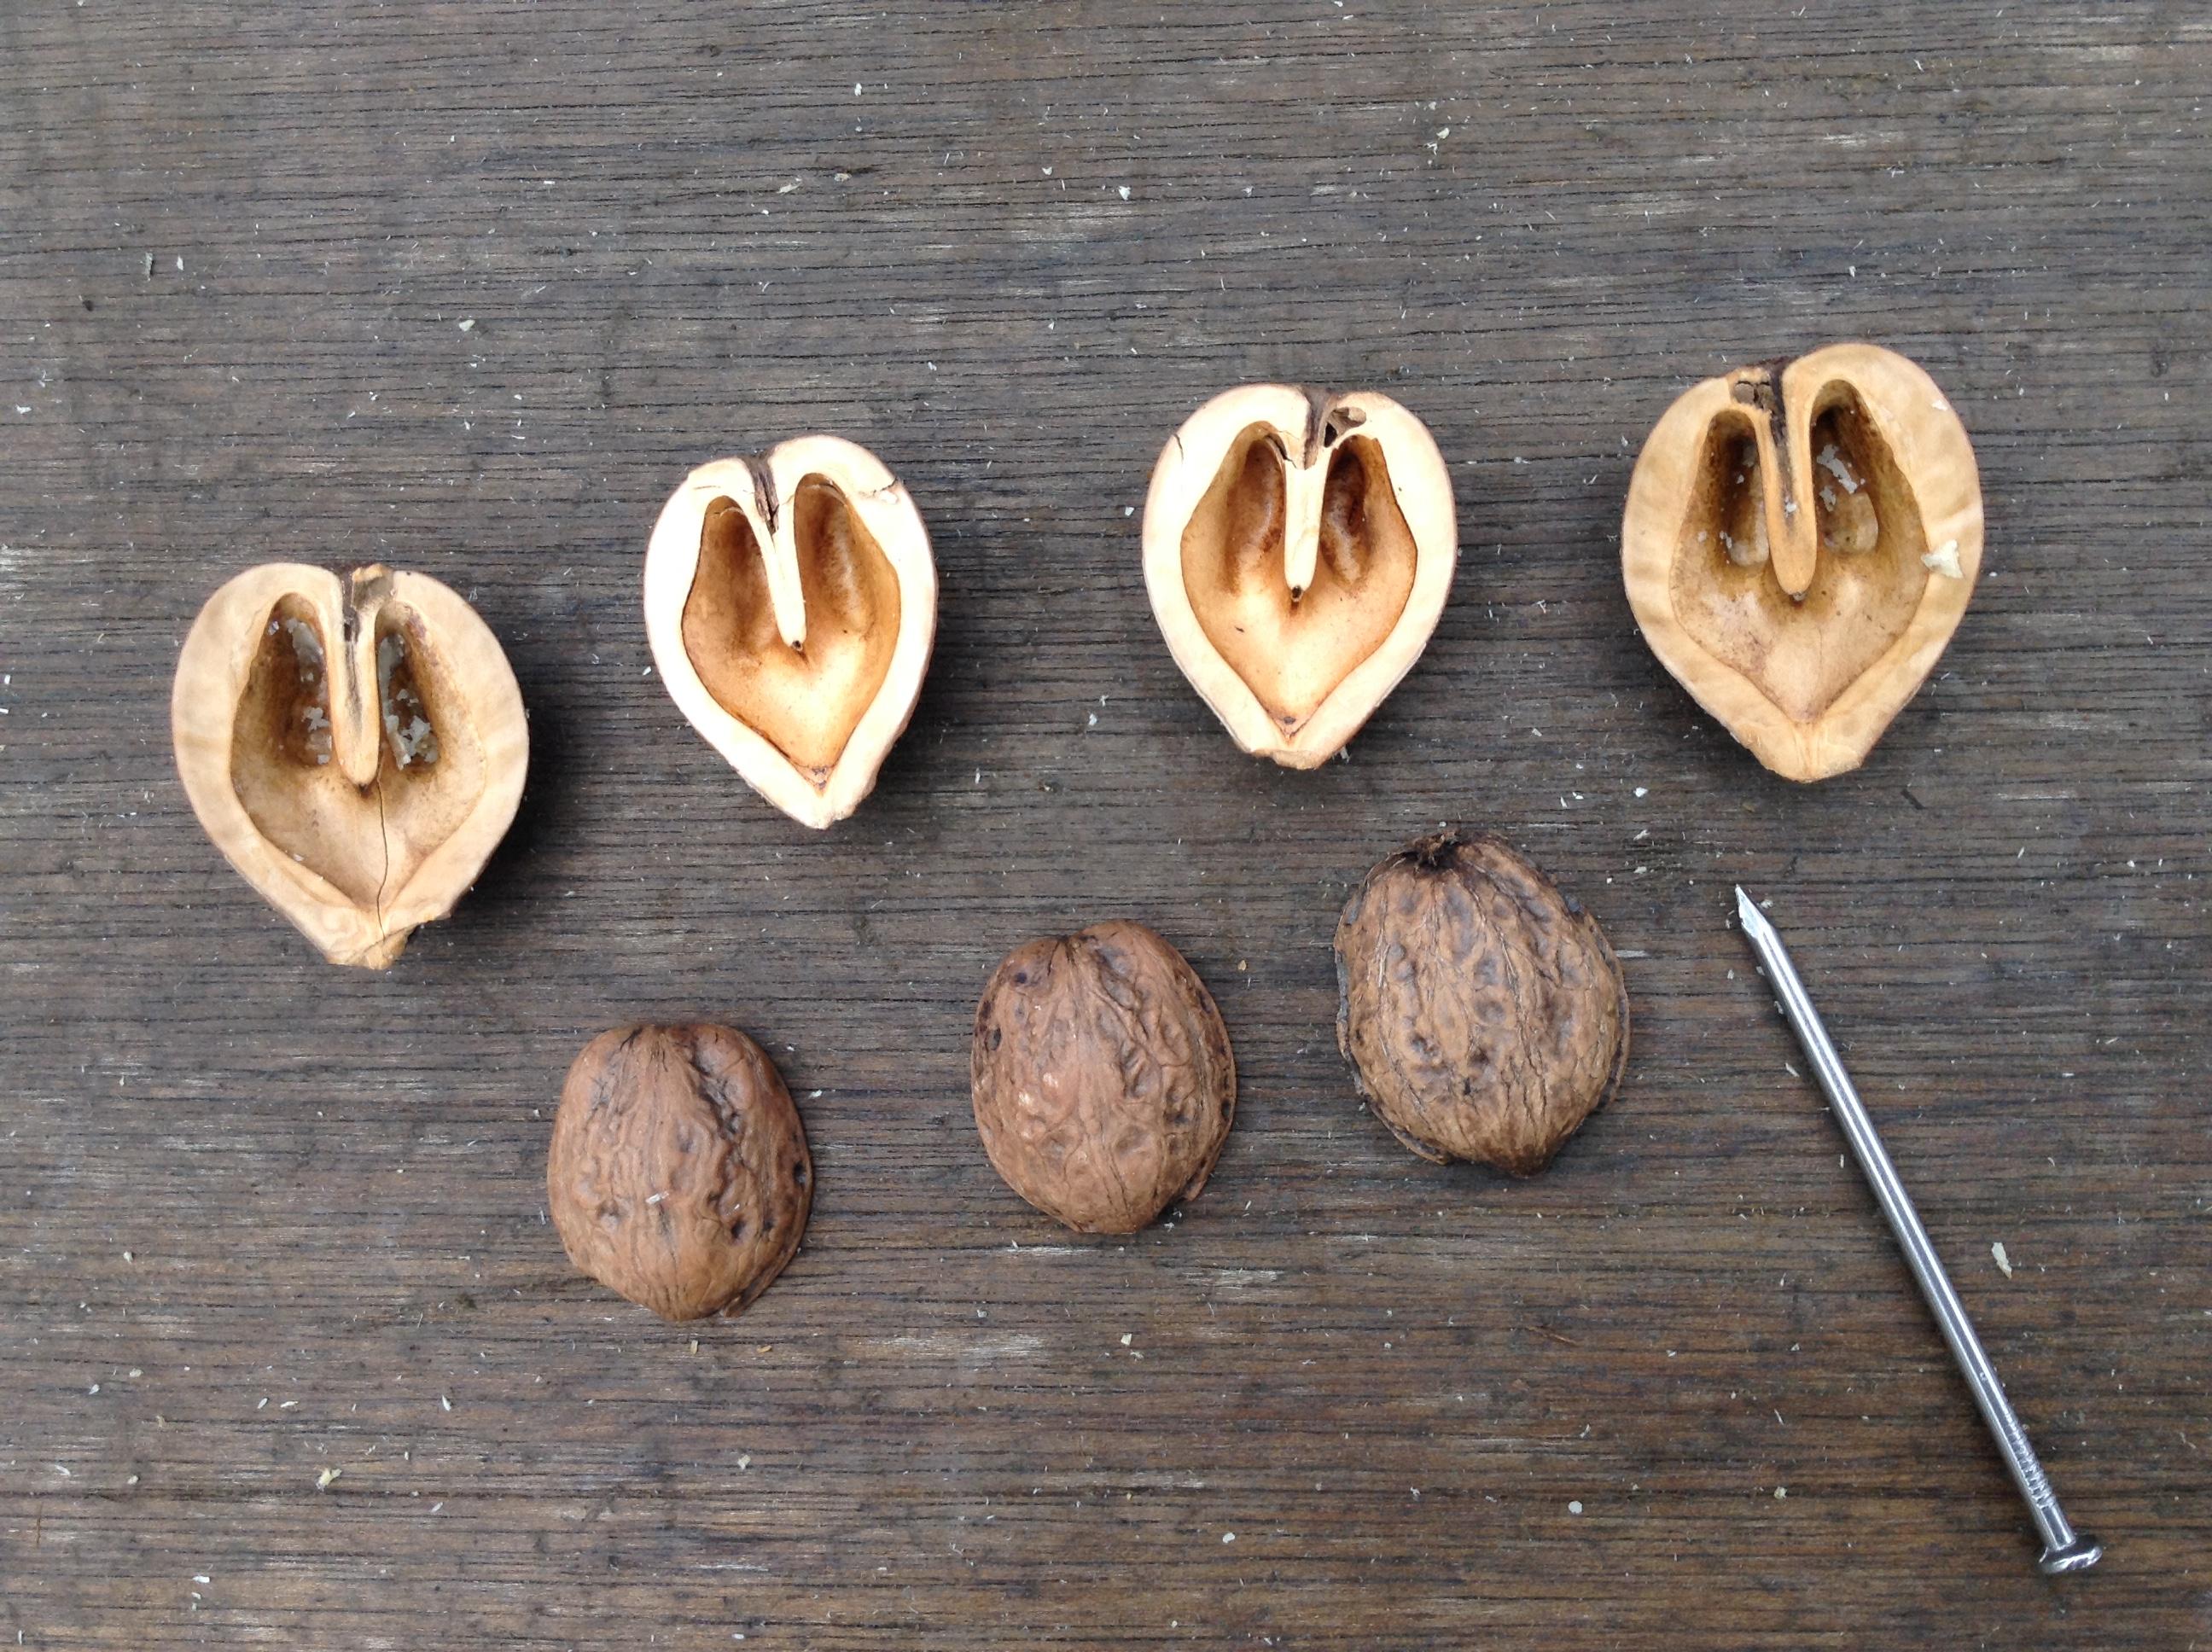 otsuchi grandpa walnut hearts.JPG